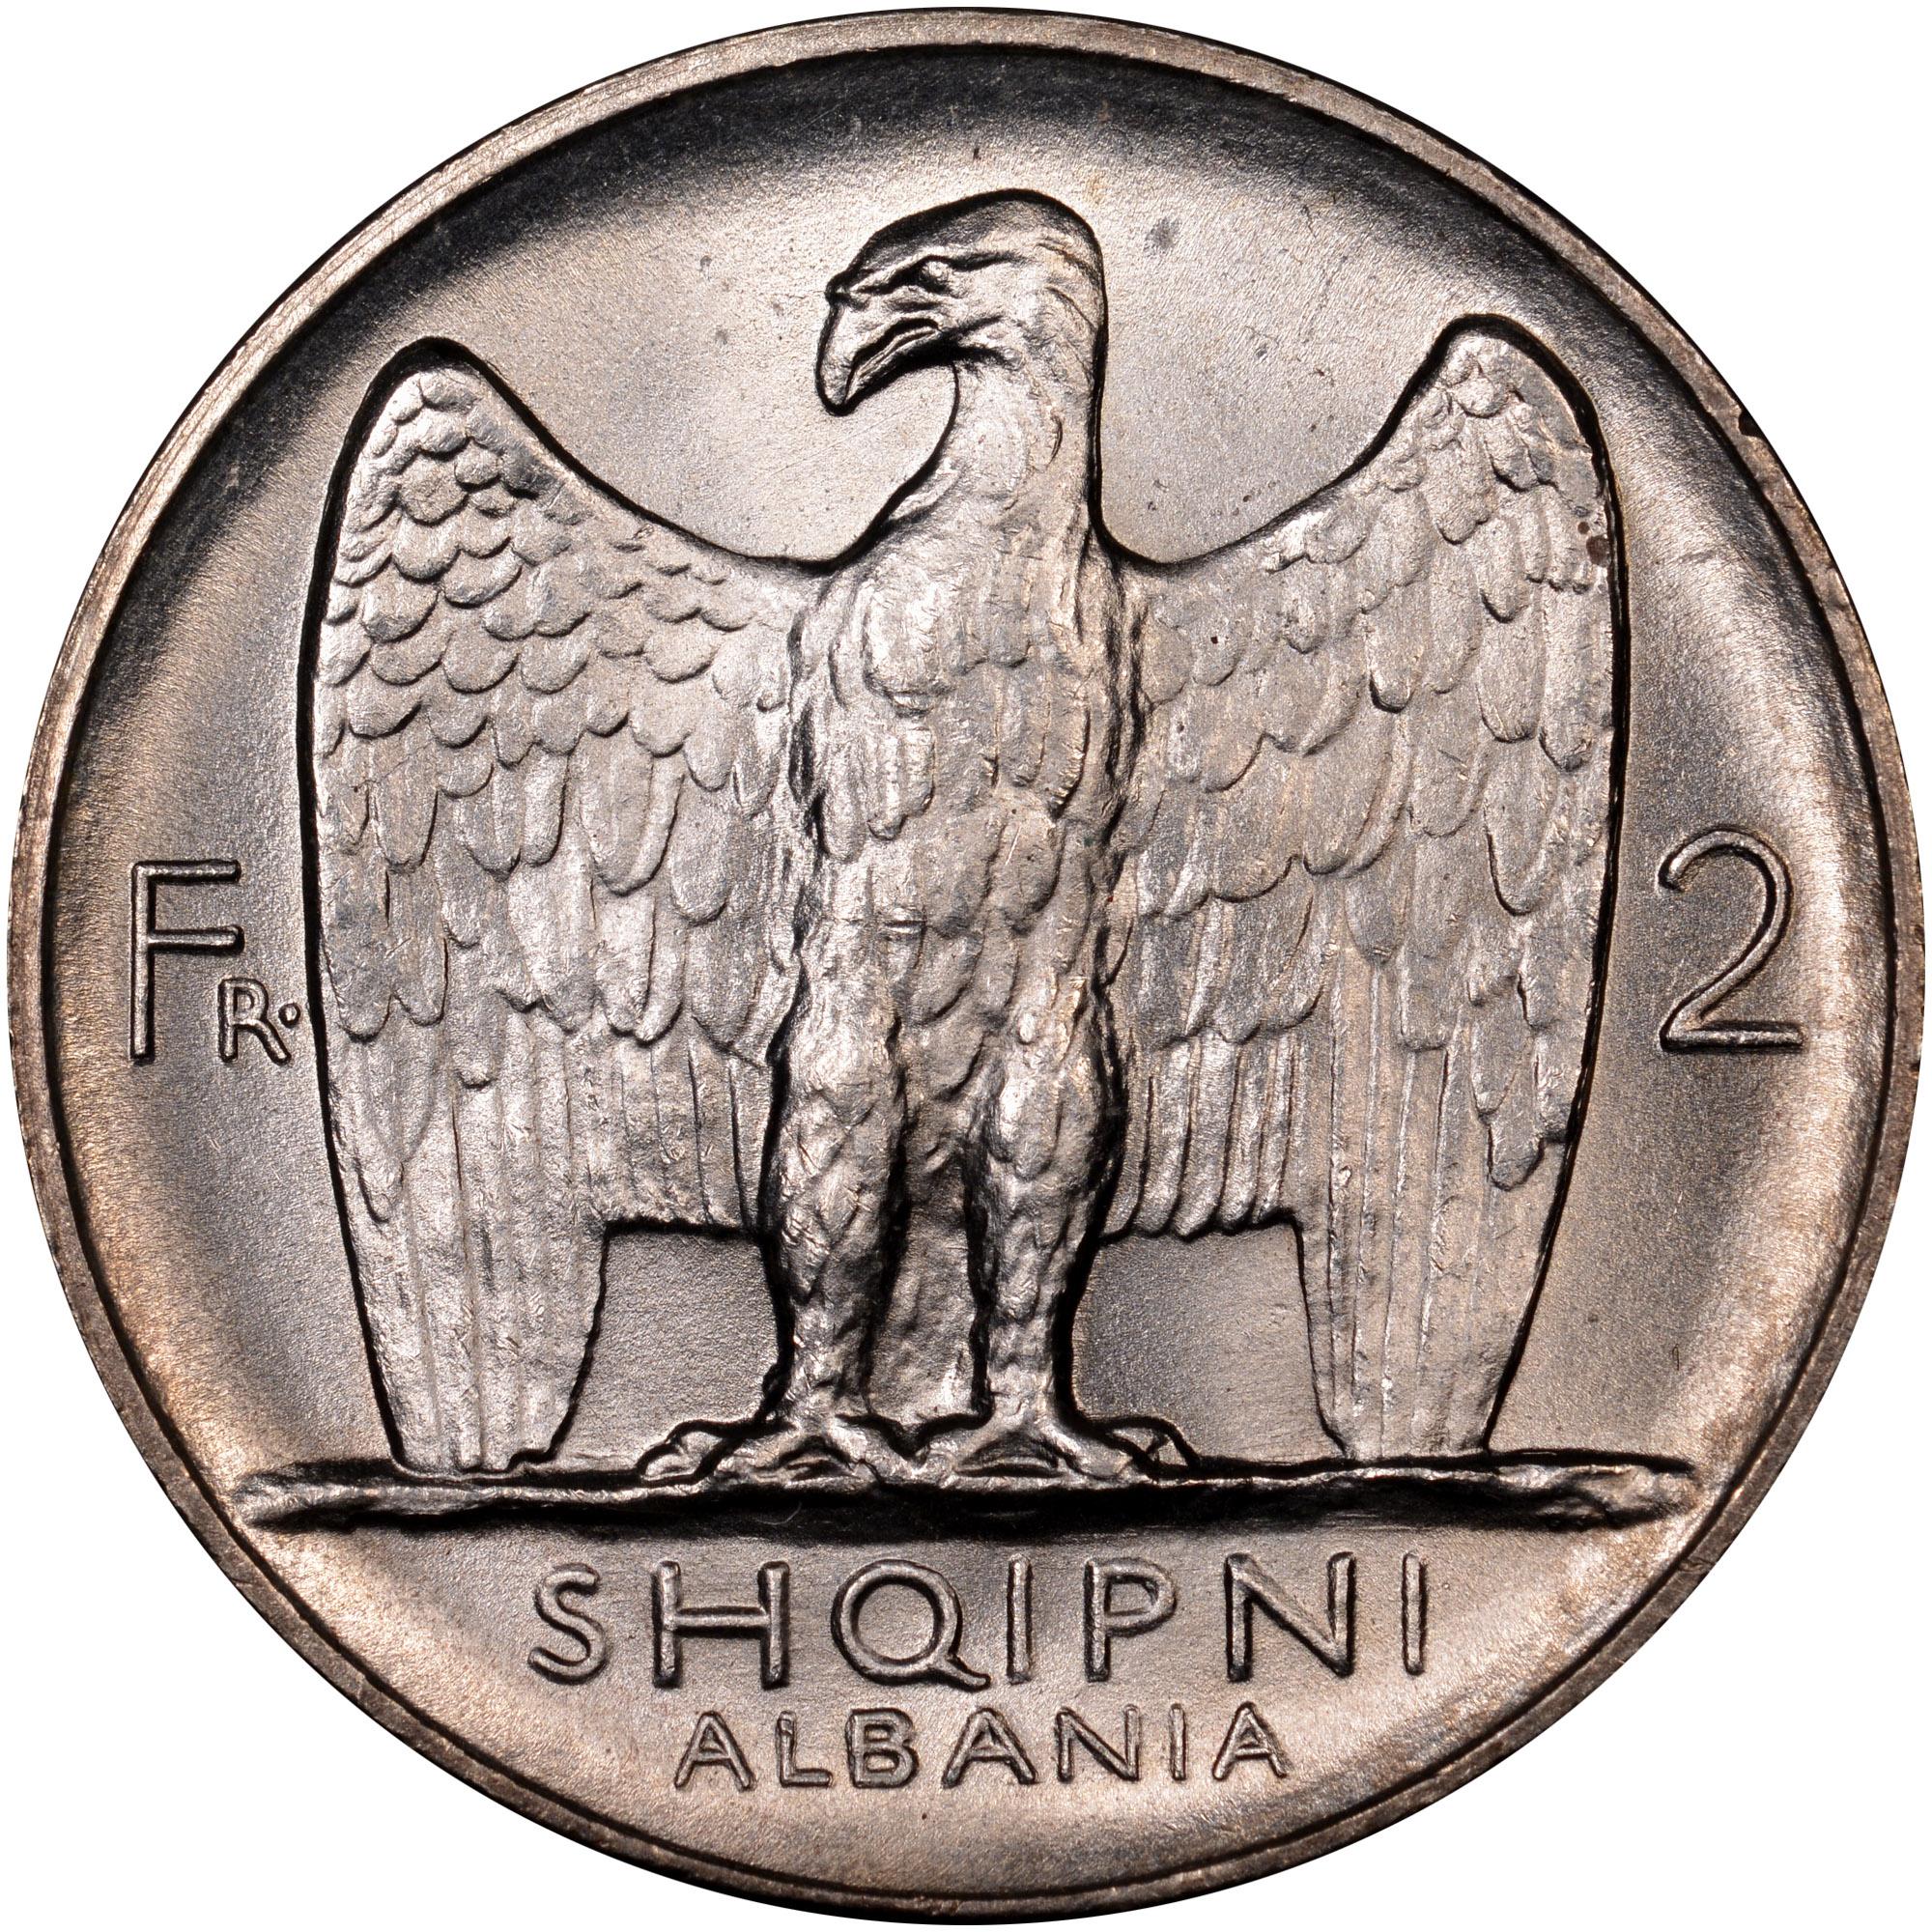 1926 Albania 2 Franga Ari reverse